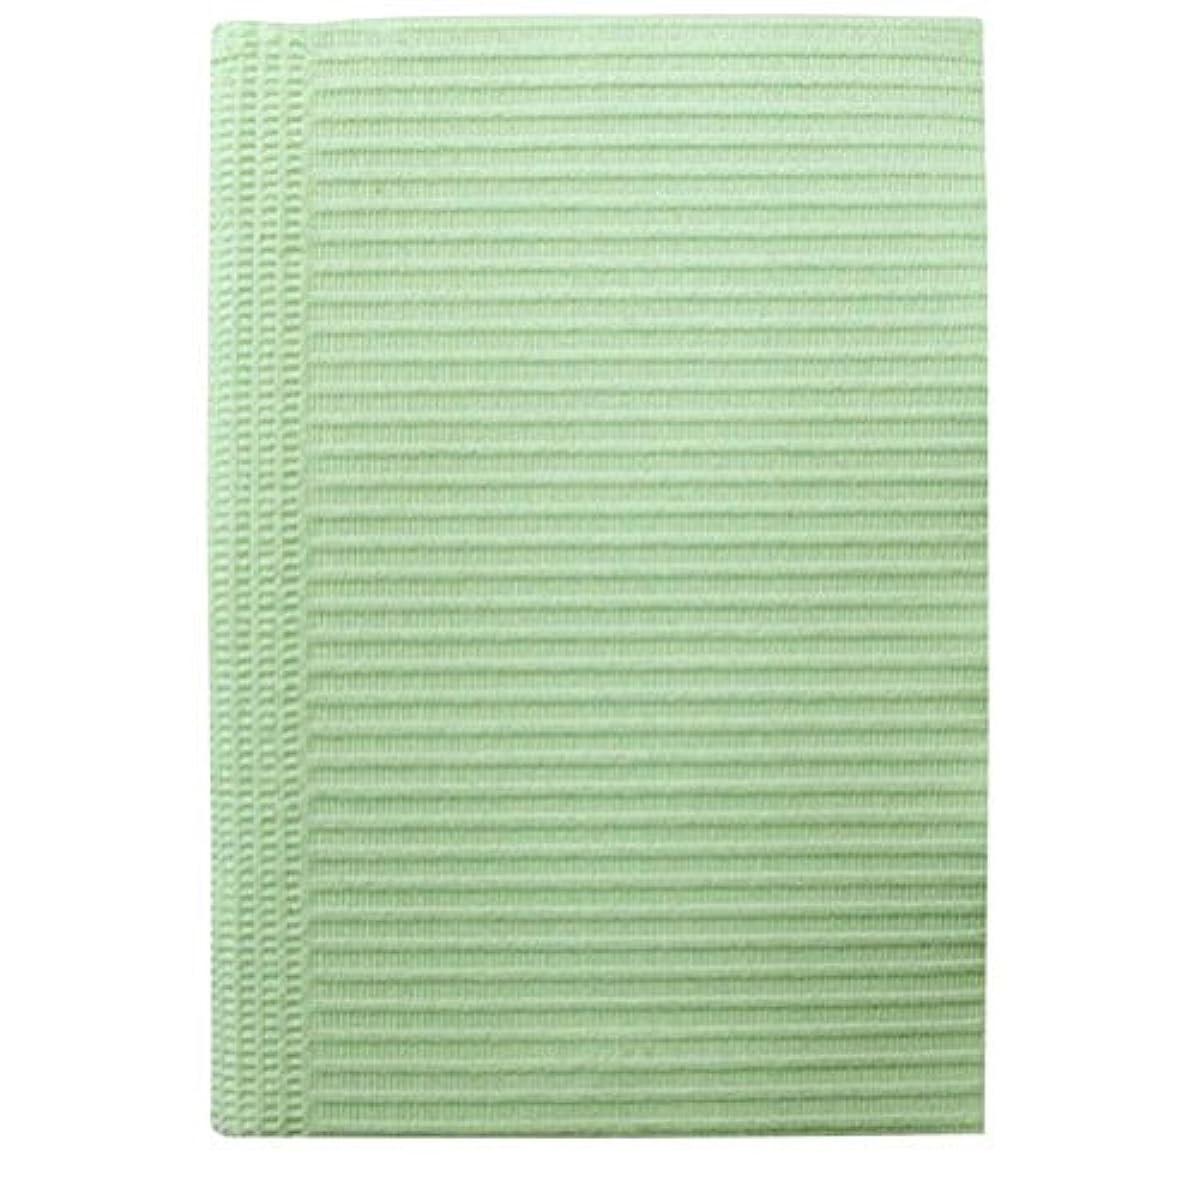 効率的にログハドルSunshineBabe サンシャインベビー ペーパーシート 50枚 グリーン